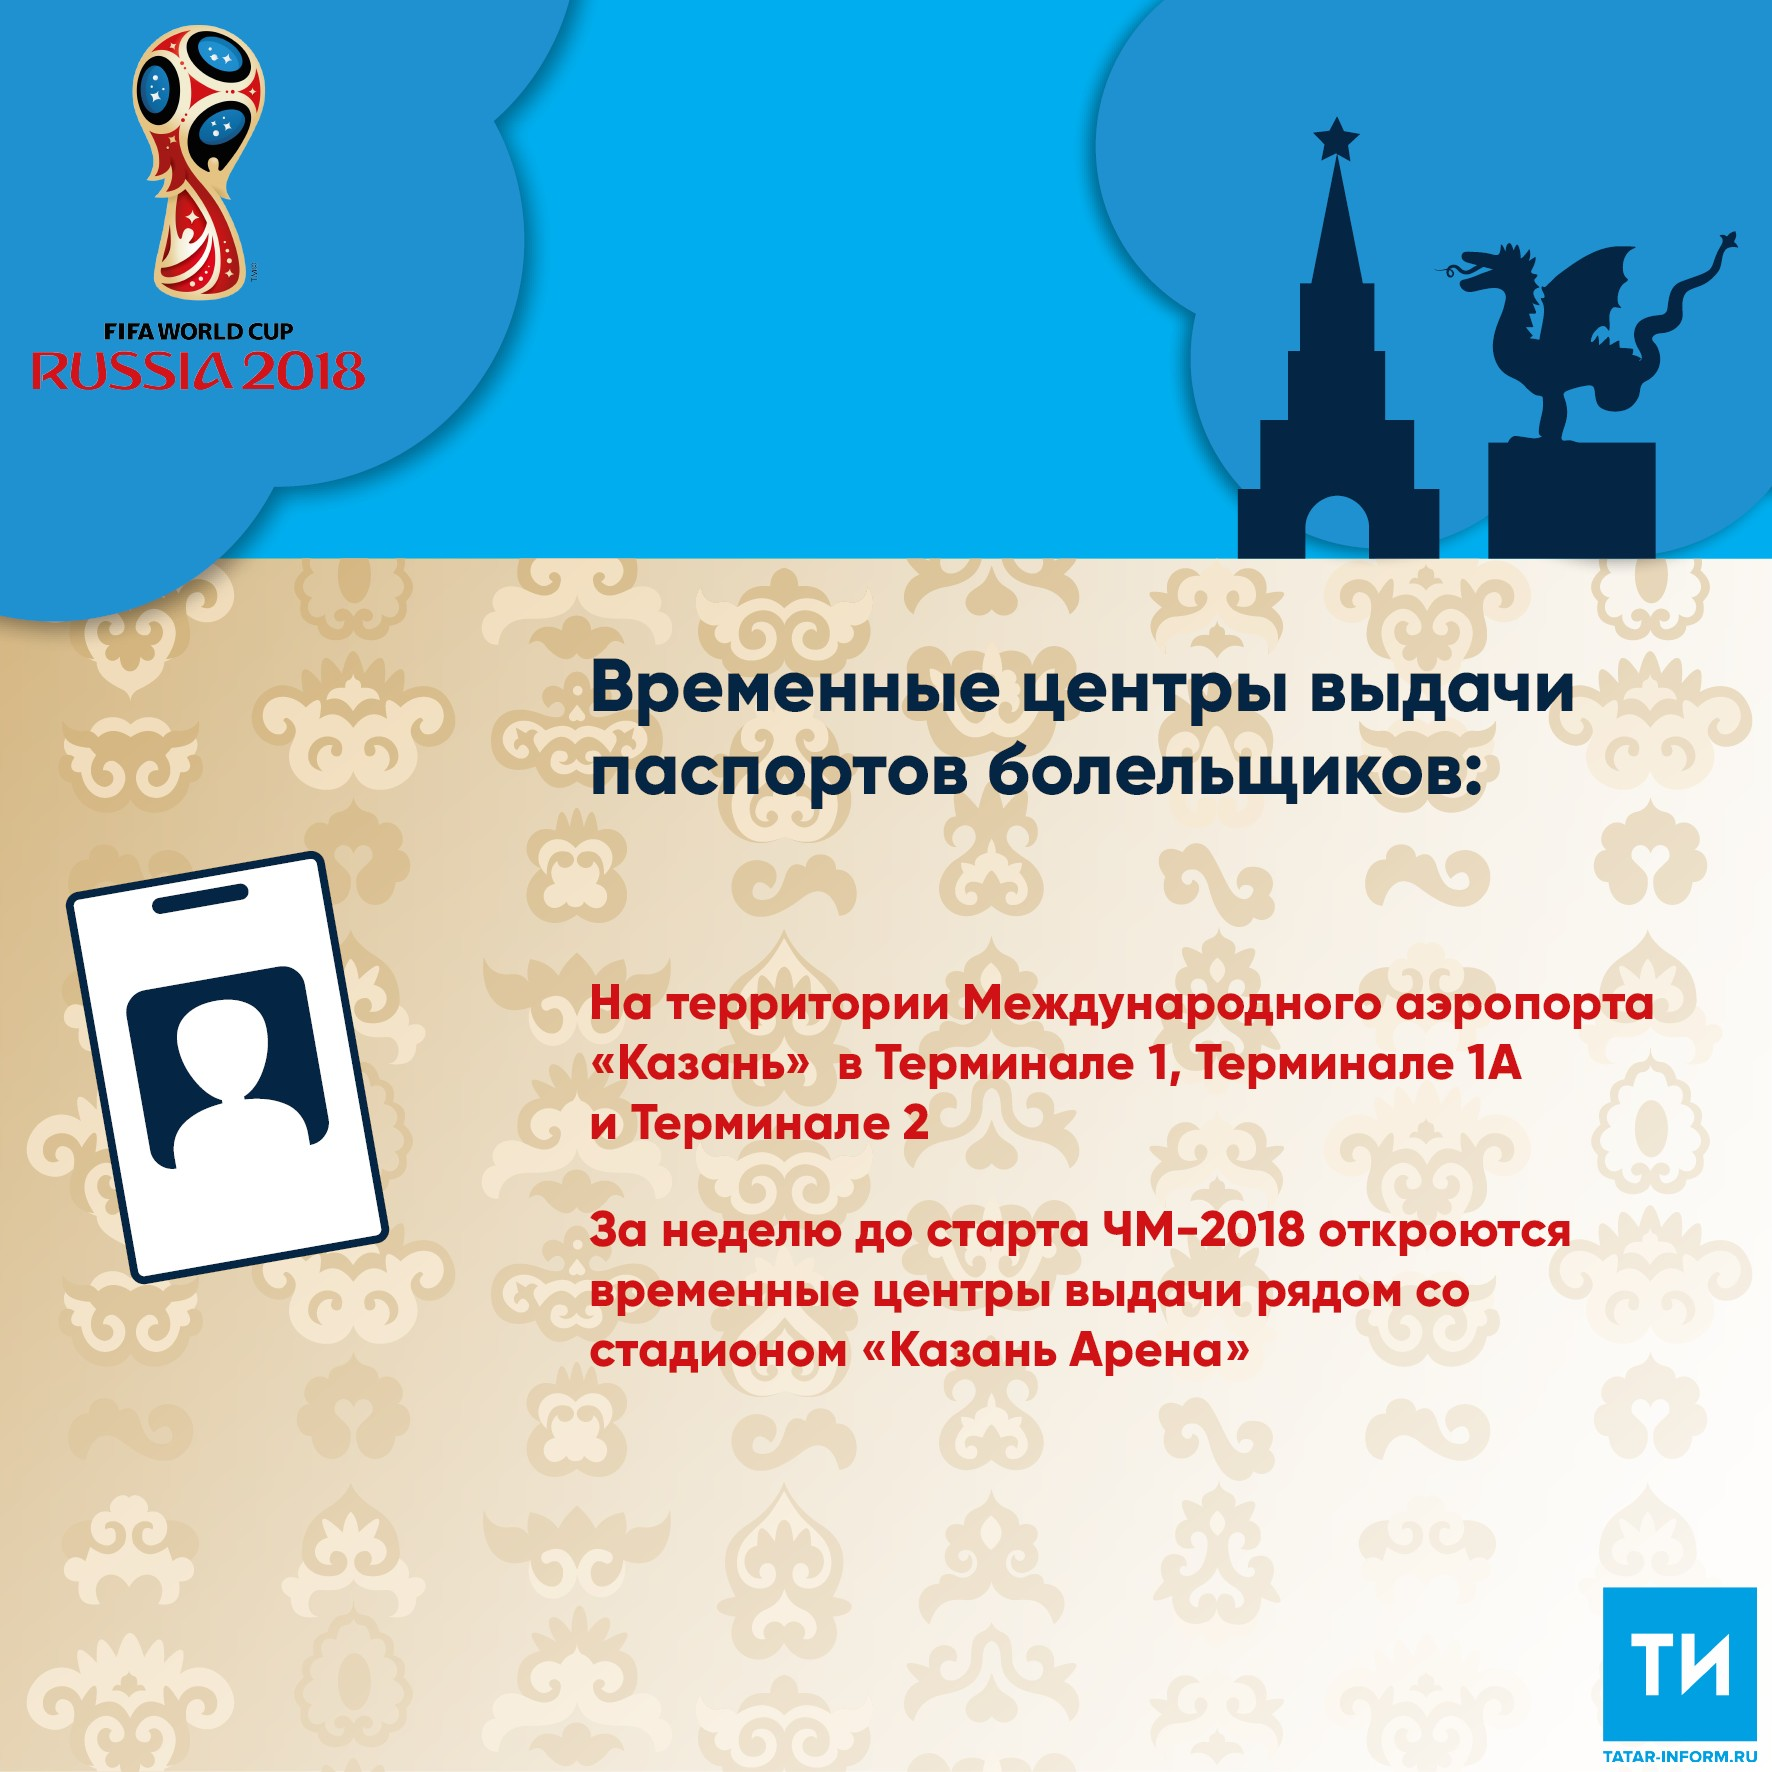 В апреле в Казани откроется два центра выдачи паспортов болельщиков